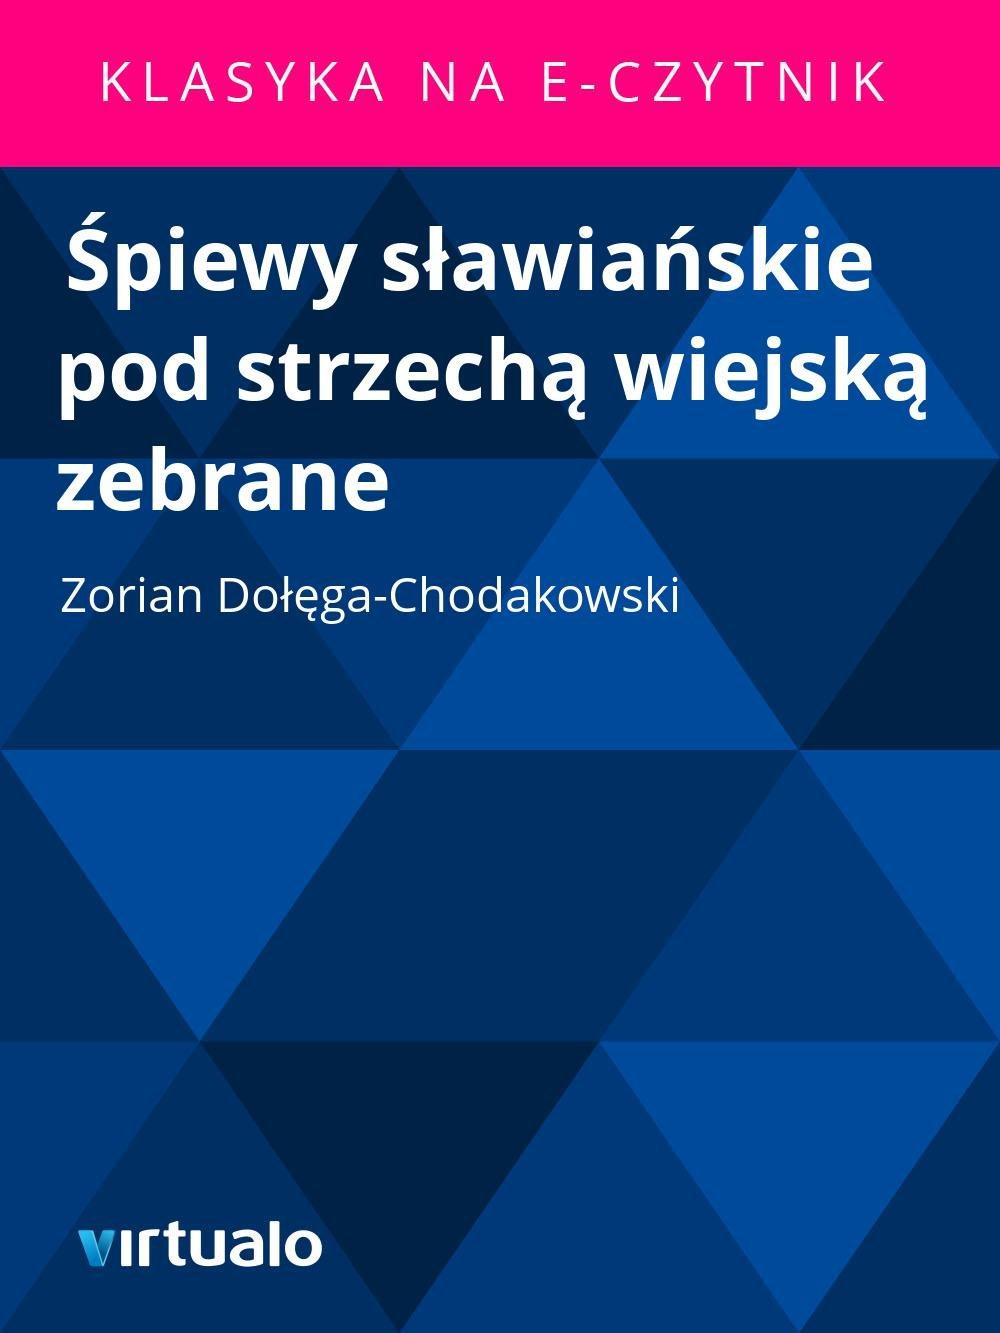 Śpiewy sławiańskie pod strzechą wiejską zebrane - Ebook (Książka EPUB) do pobrania w formacie EPUB